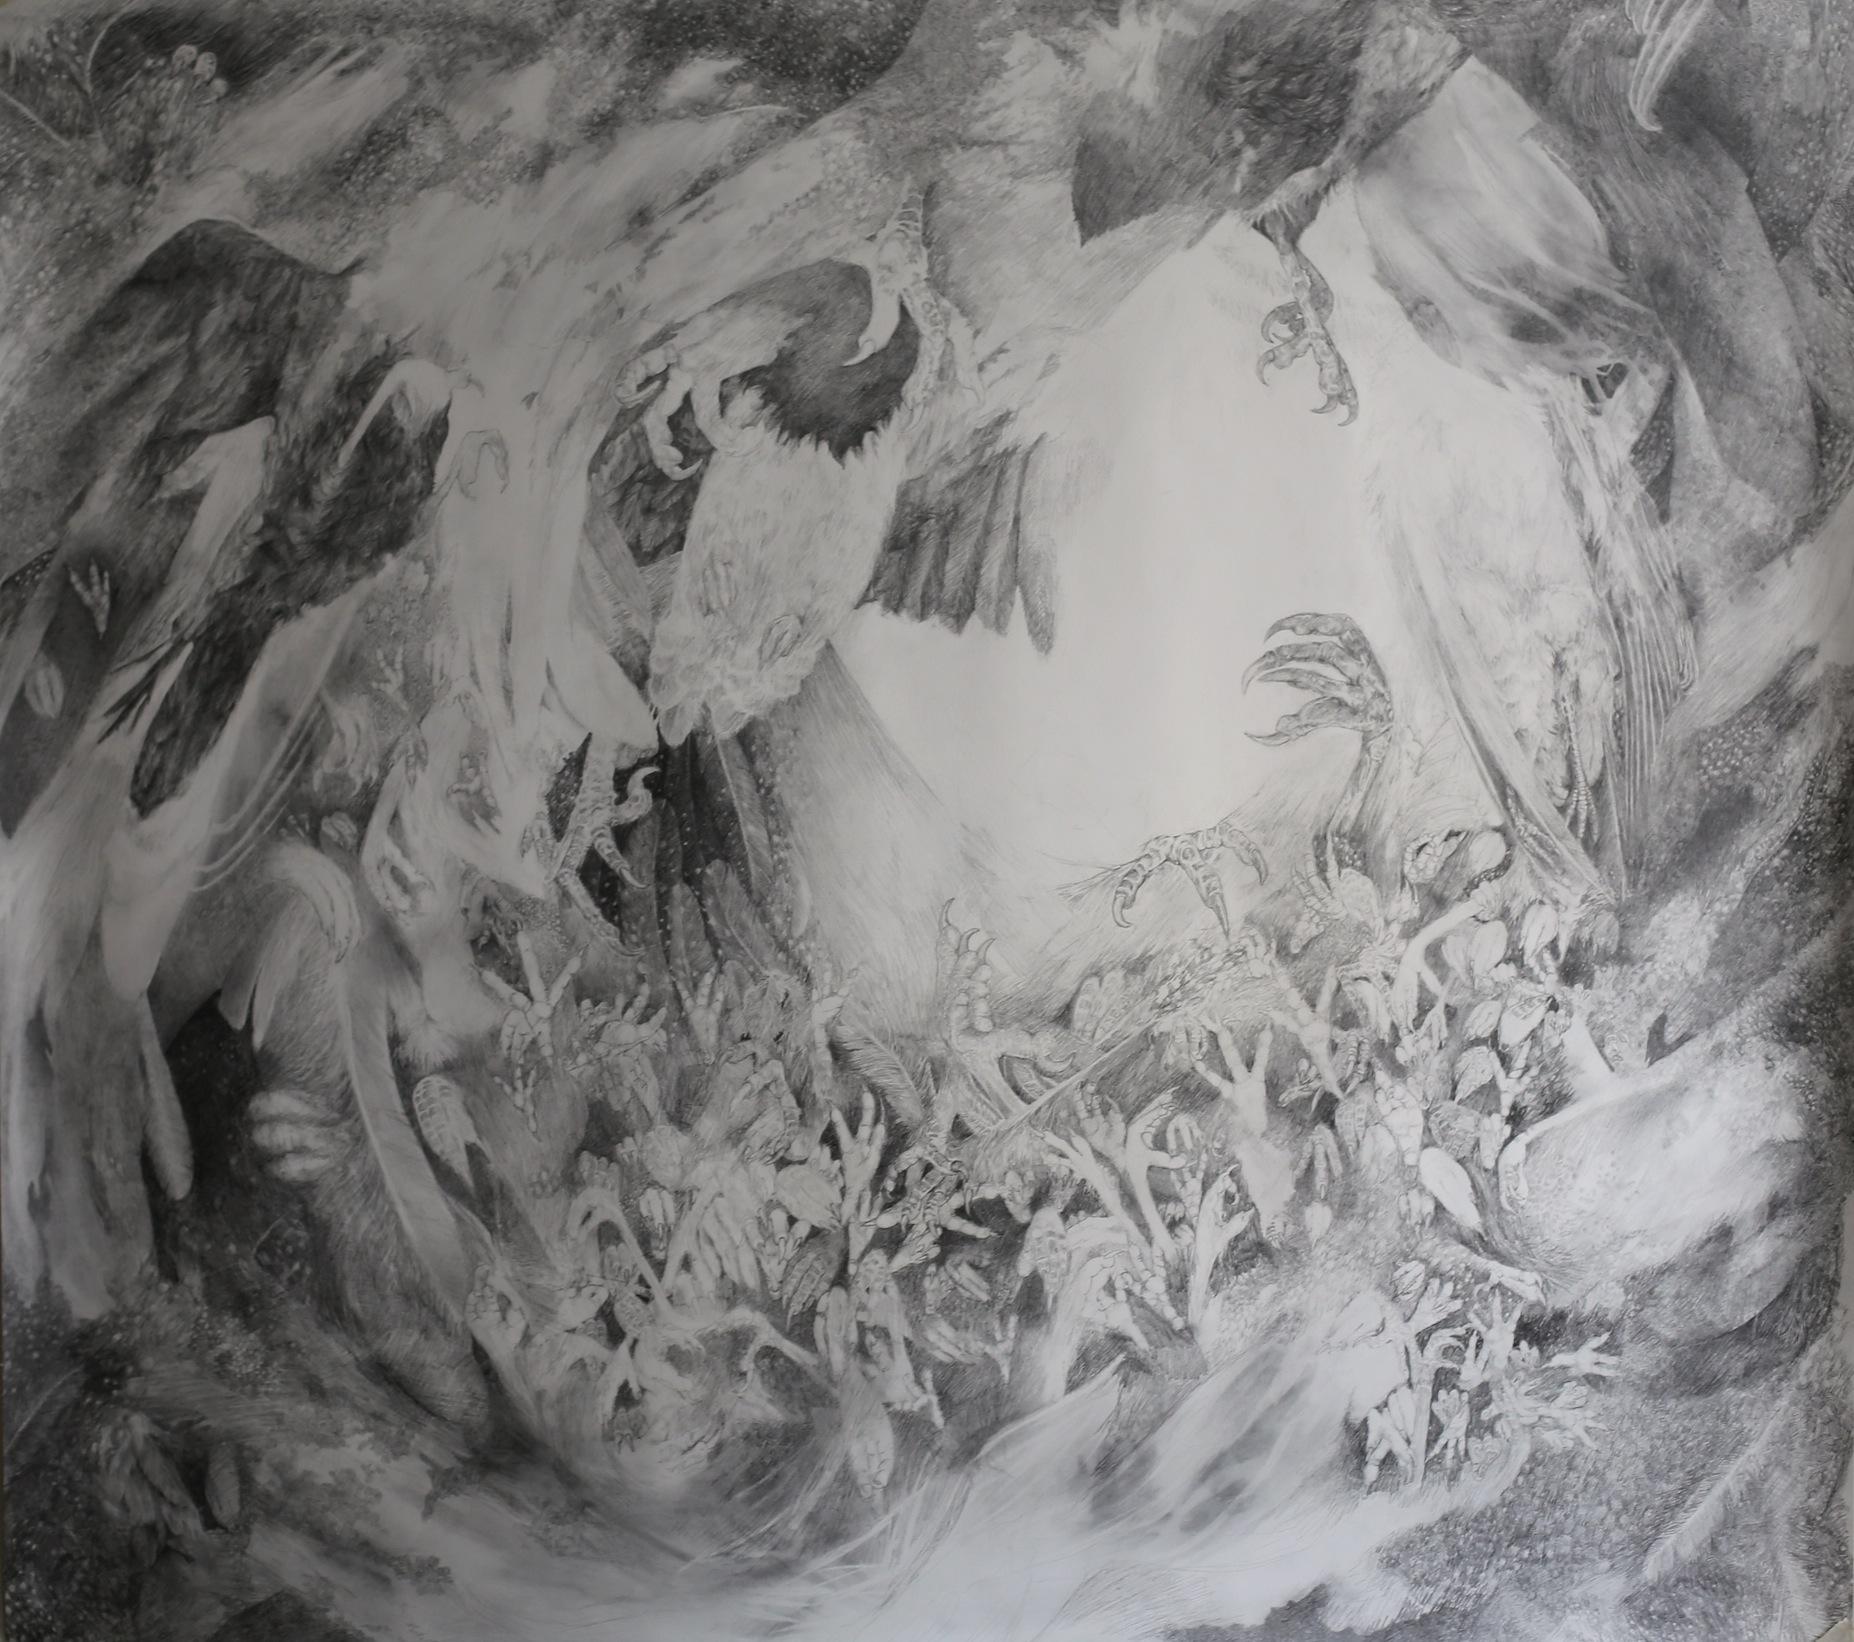 Når det mørkner, graphite on paper, 124 x 110 cm, 2013